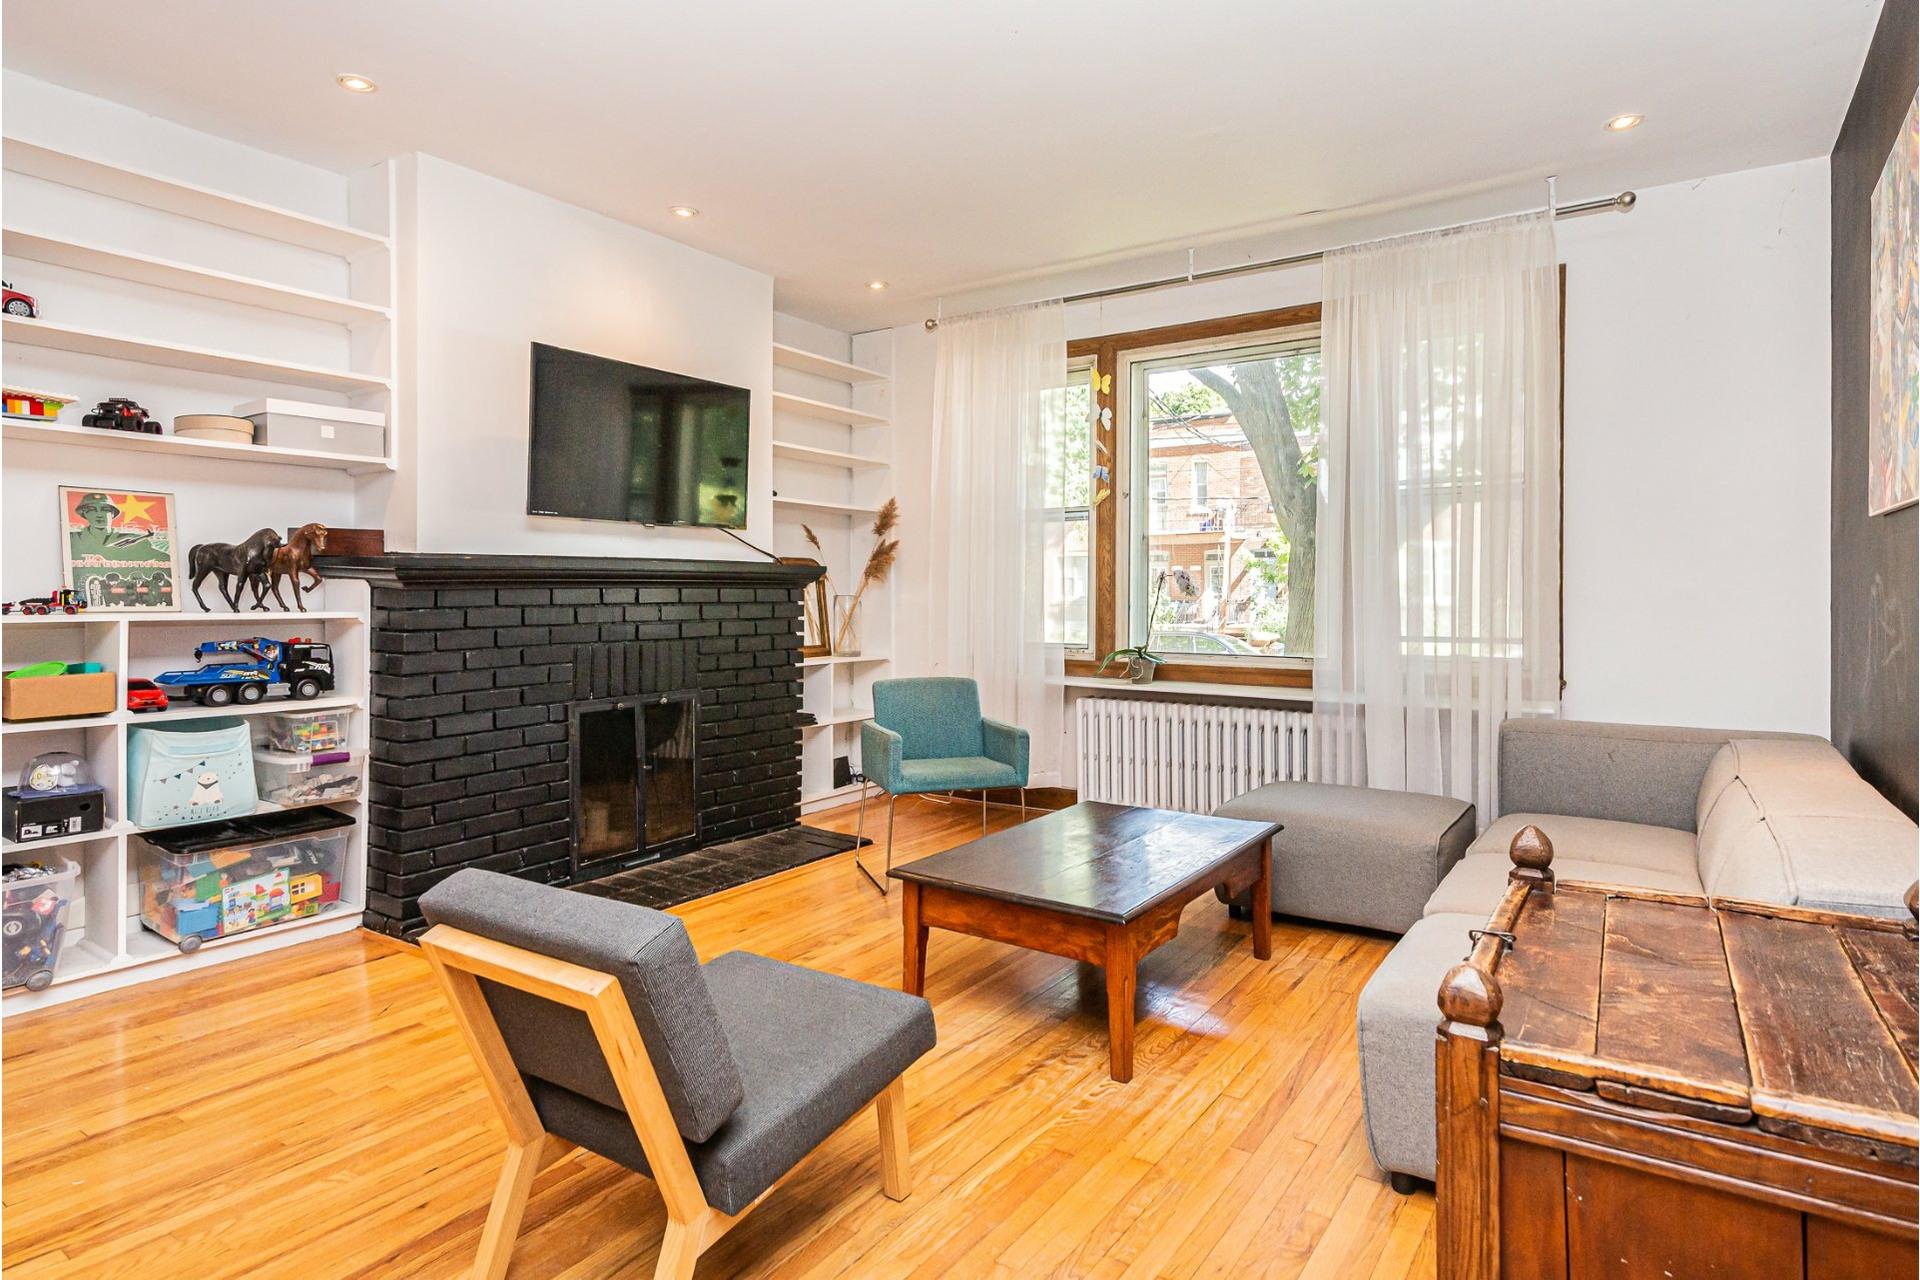 image 4 - Appartement À louer Côte-des-Neiges/Notre-Dame-de-Grâce Montréal  - 10 pièces